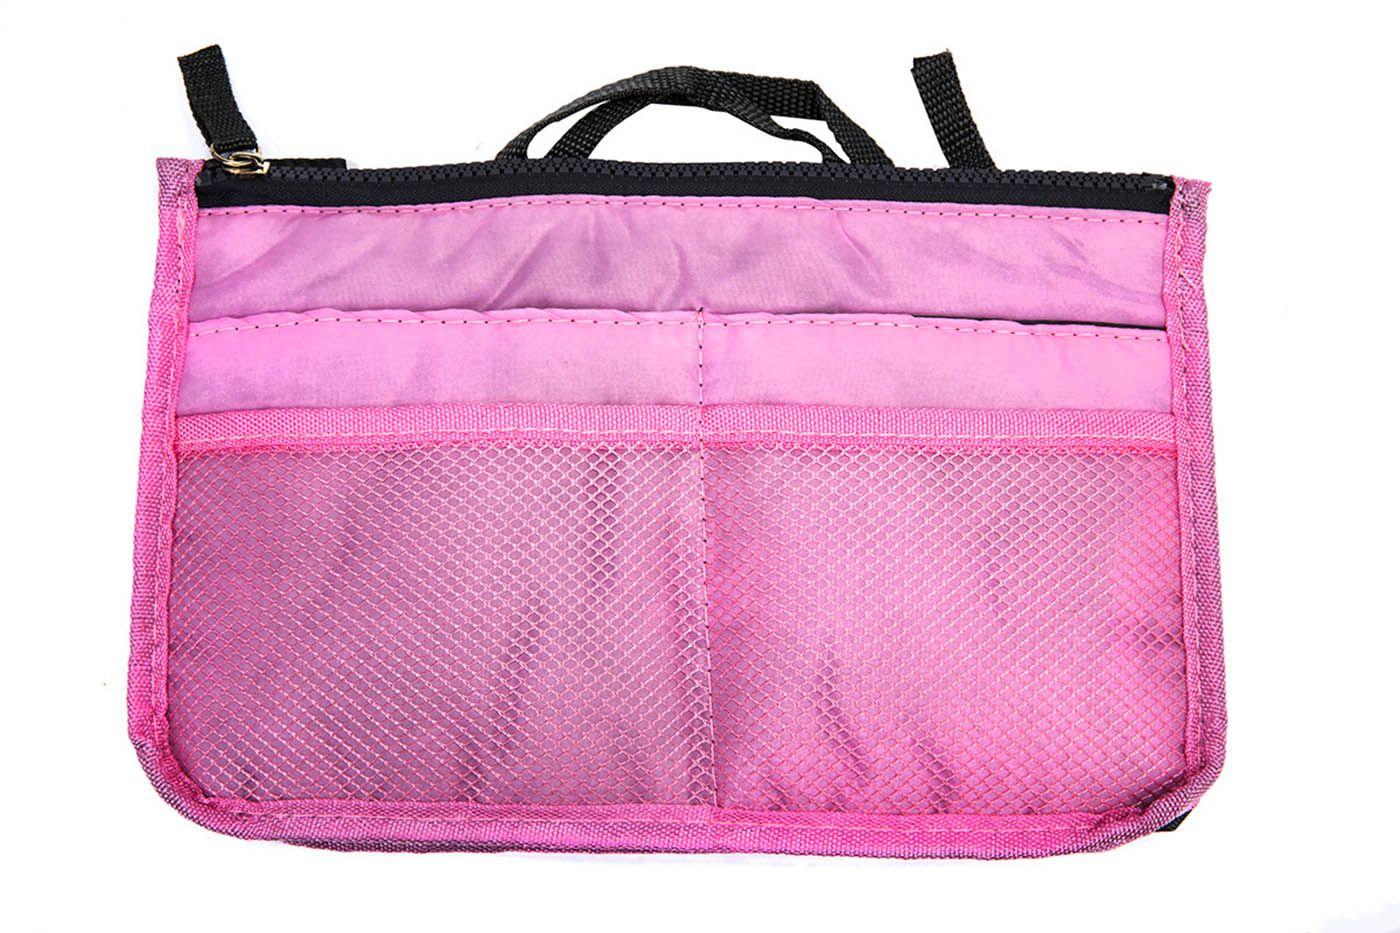 Сумка-органайзер Bradex TD 0505, розовый аксессуар органайзер bradex сумка в сумке grey td 0339